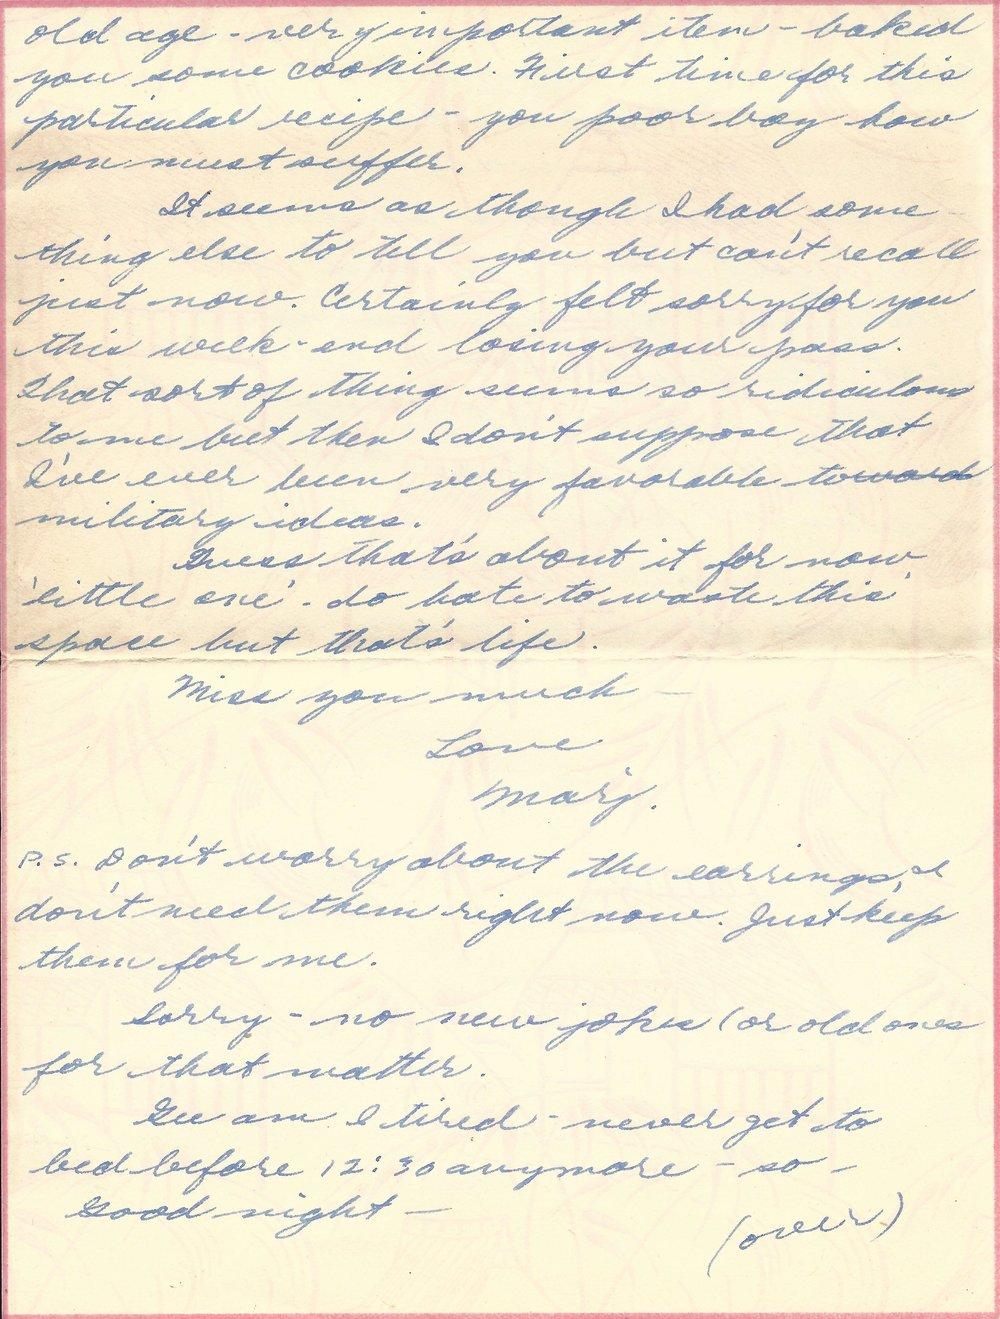 7. Feb. 8, 1953 (Oma)_Page_4.jpg